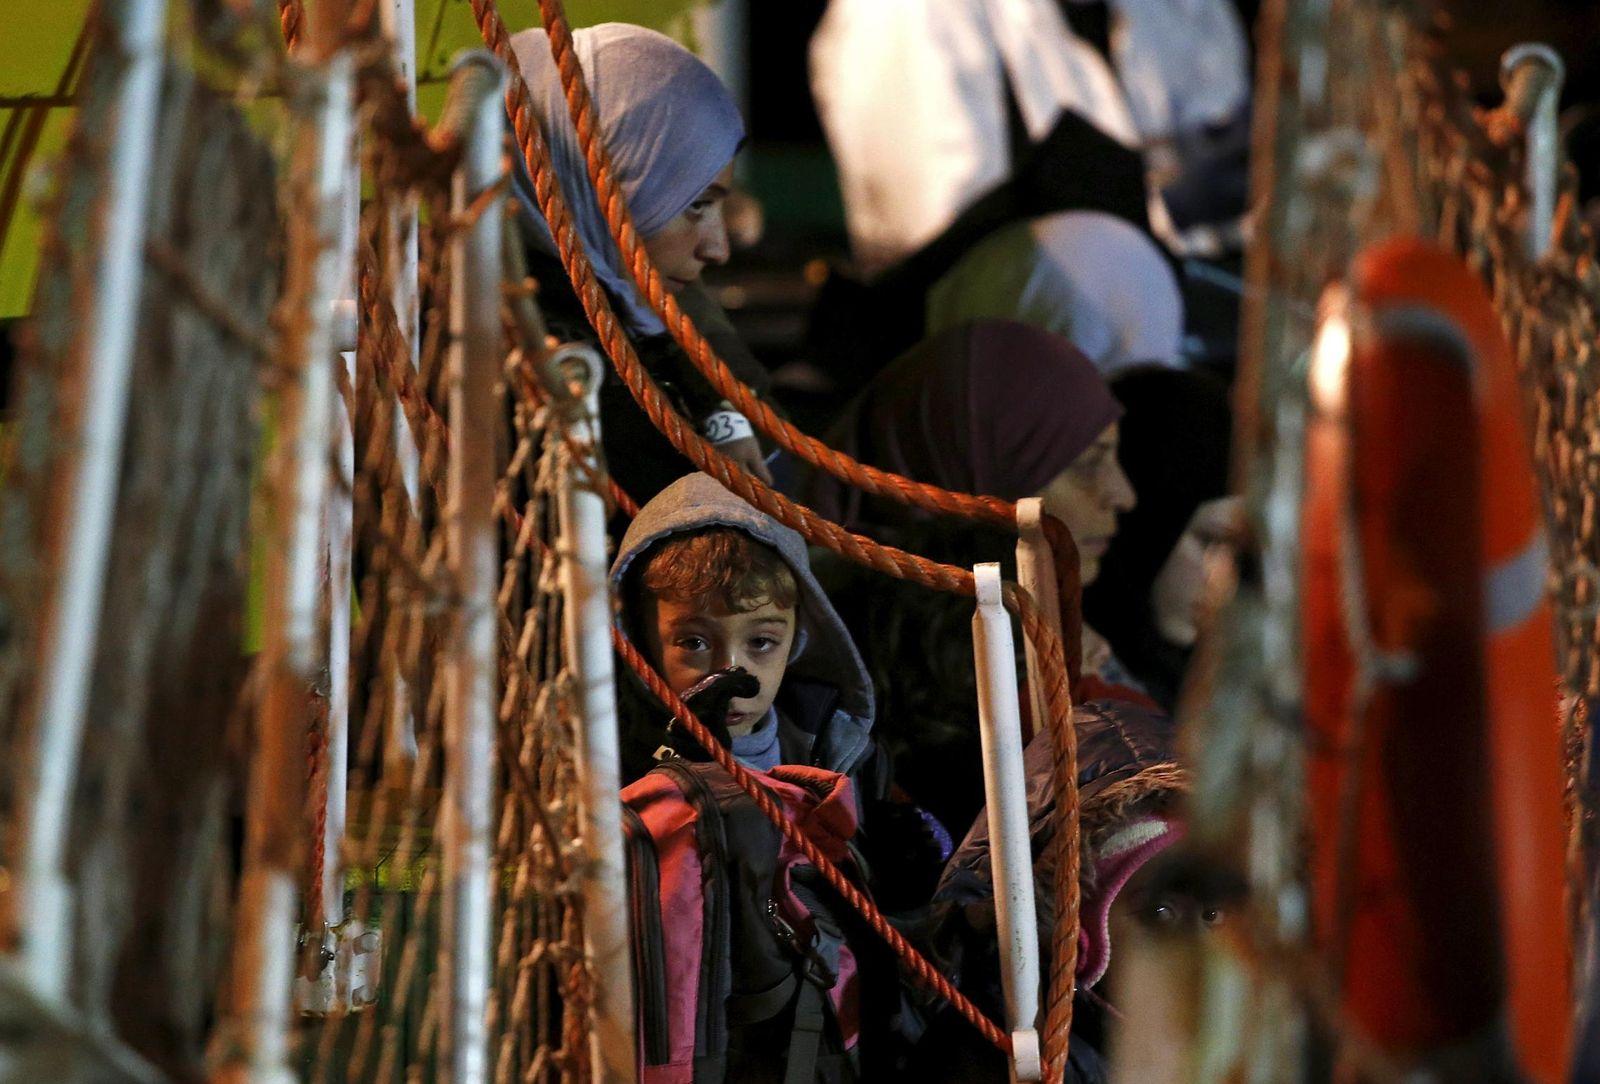 Foto: De la miseria a la prostitución: el triste destino de los inmigrantes menores de edad